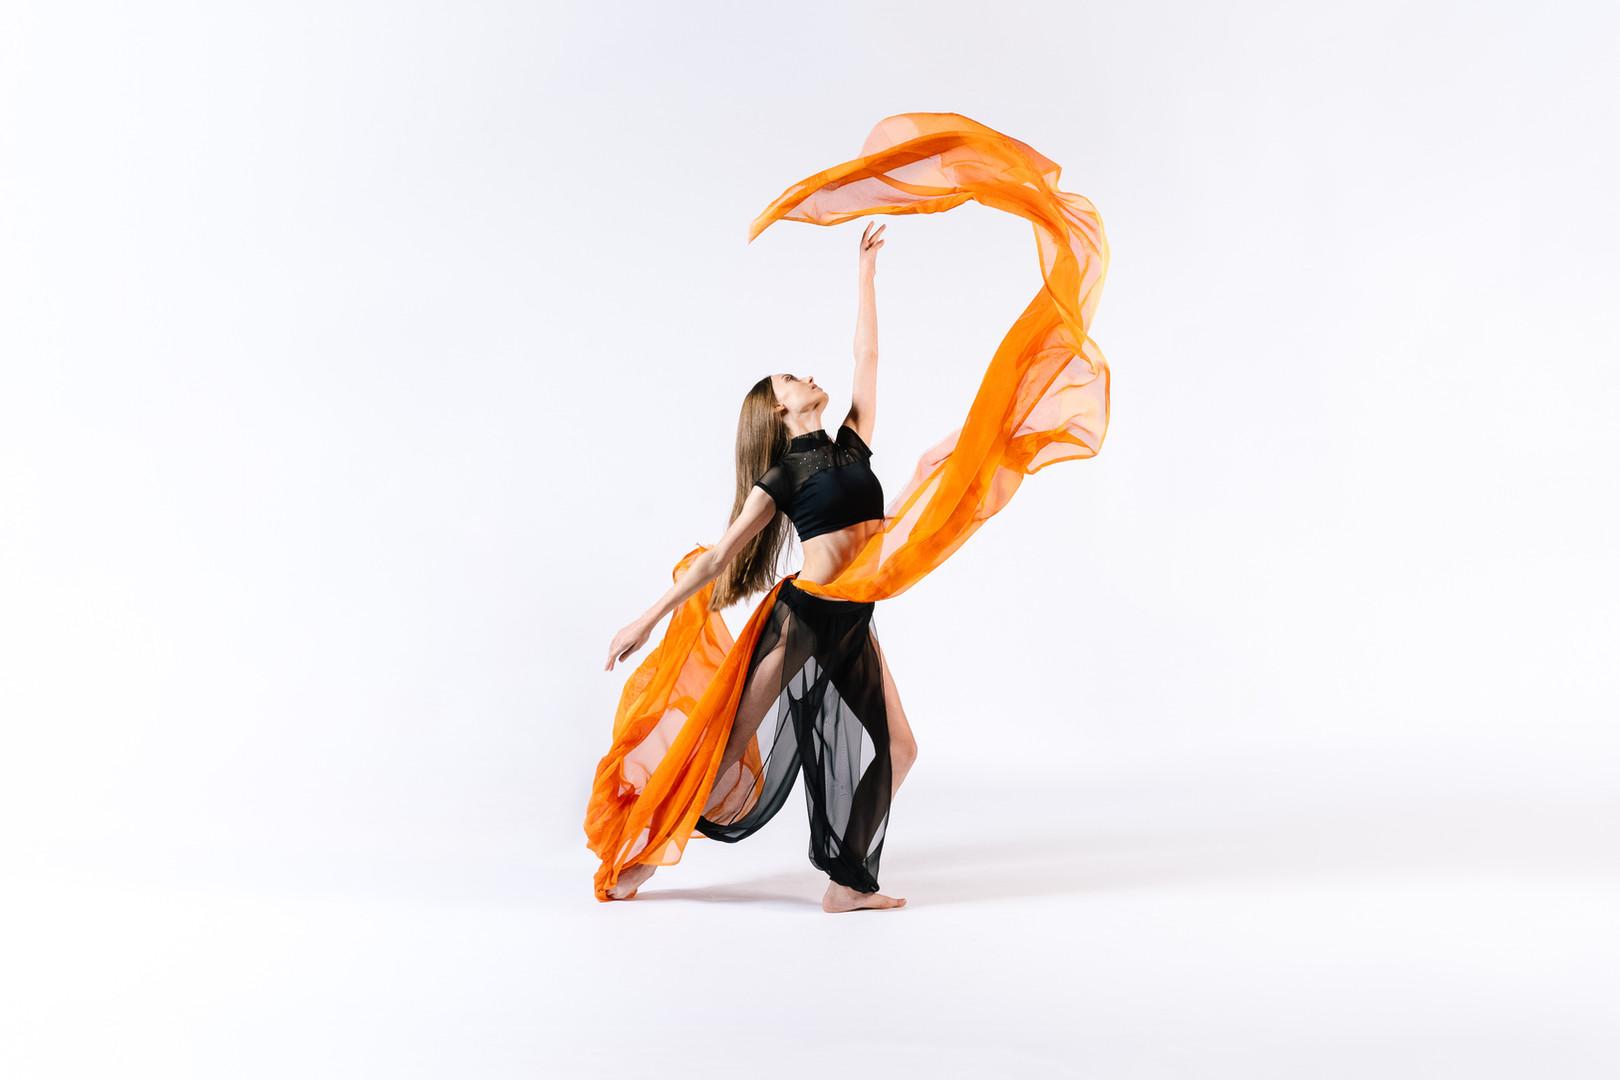 manchester-dance-photographer-9.jpg